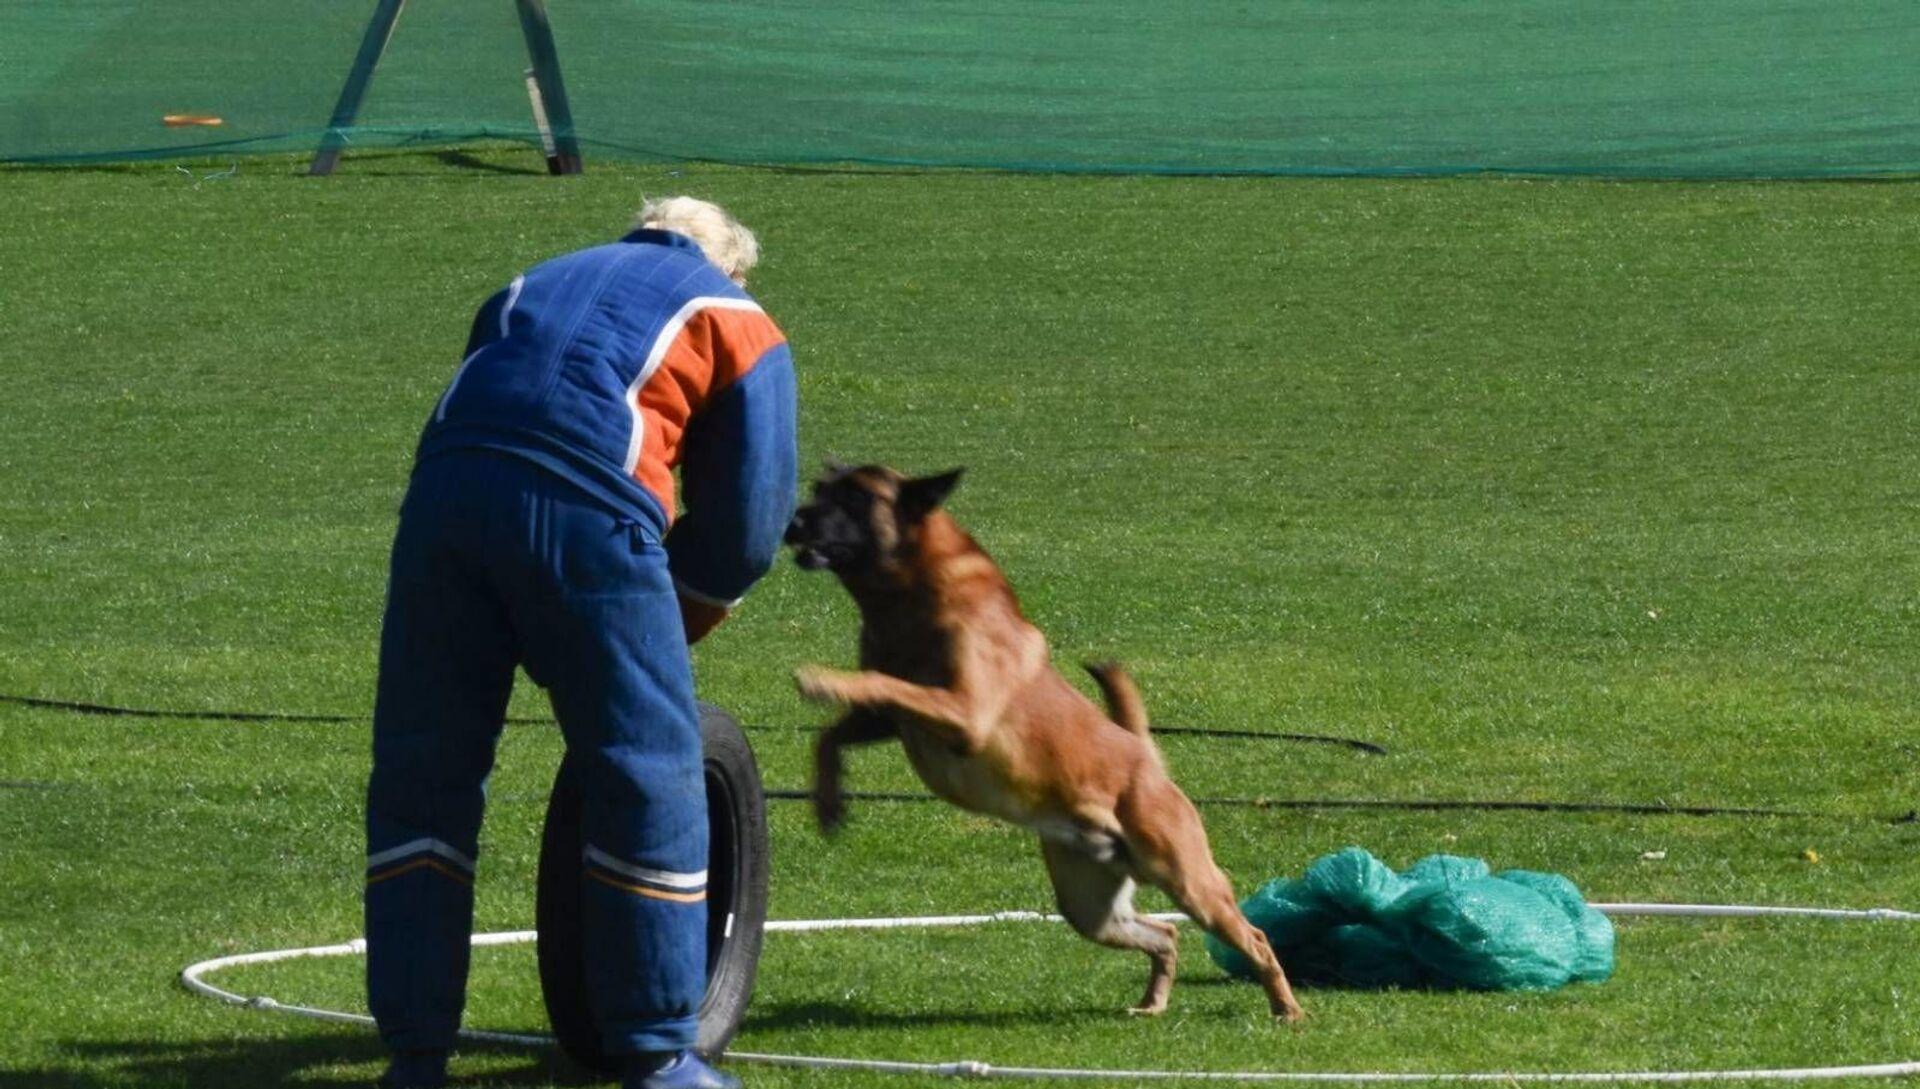 Собака защищает охранный периметр, но по команде наставника тут же прекращает атаку - РИА Новости, 1920, 14.09.2020